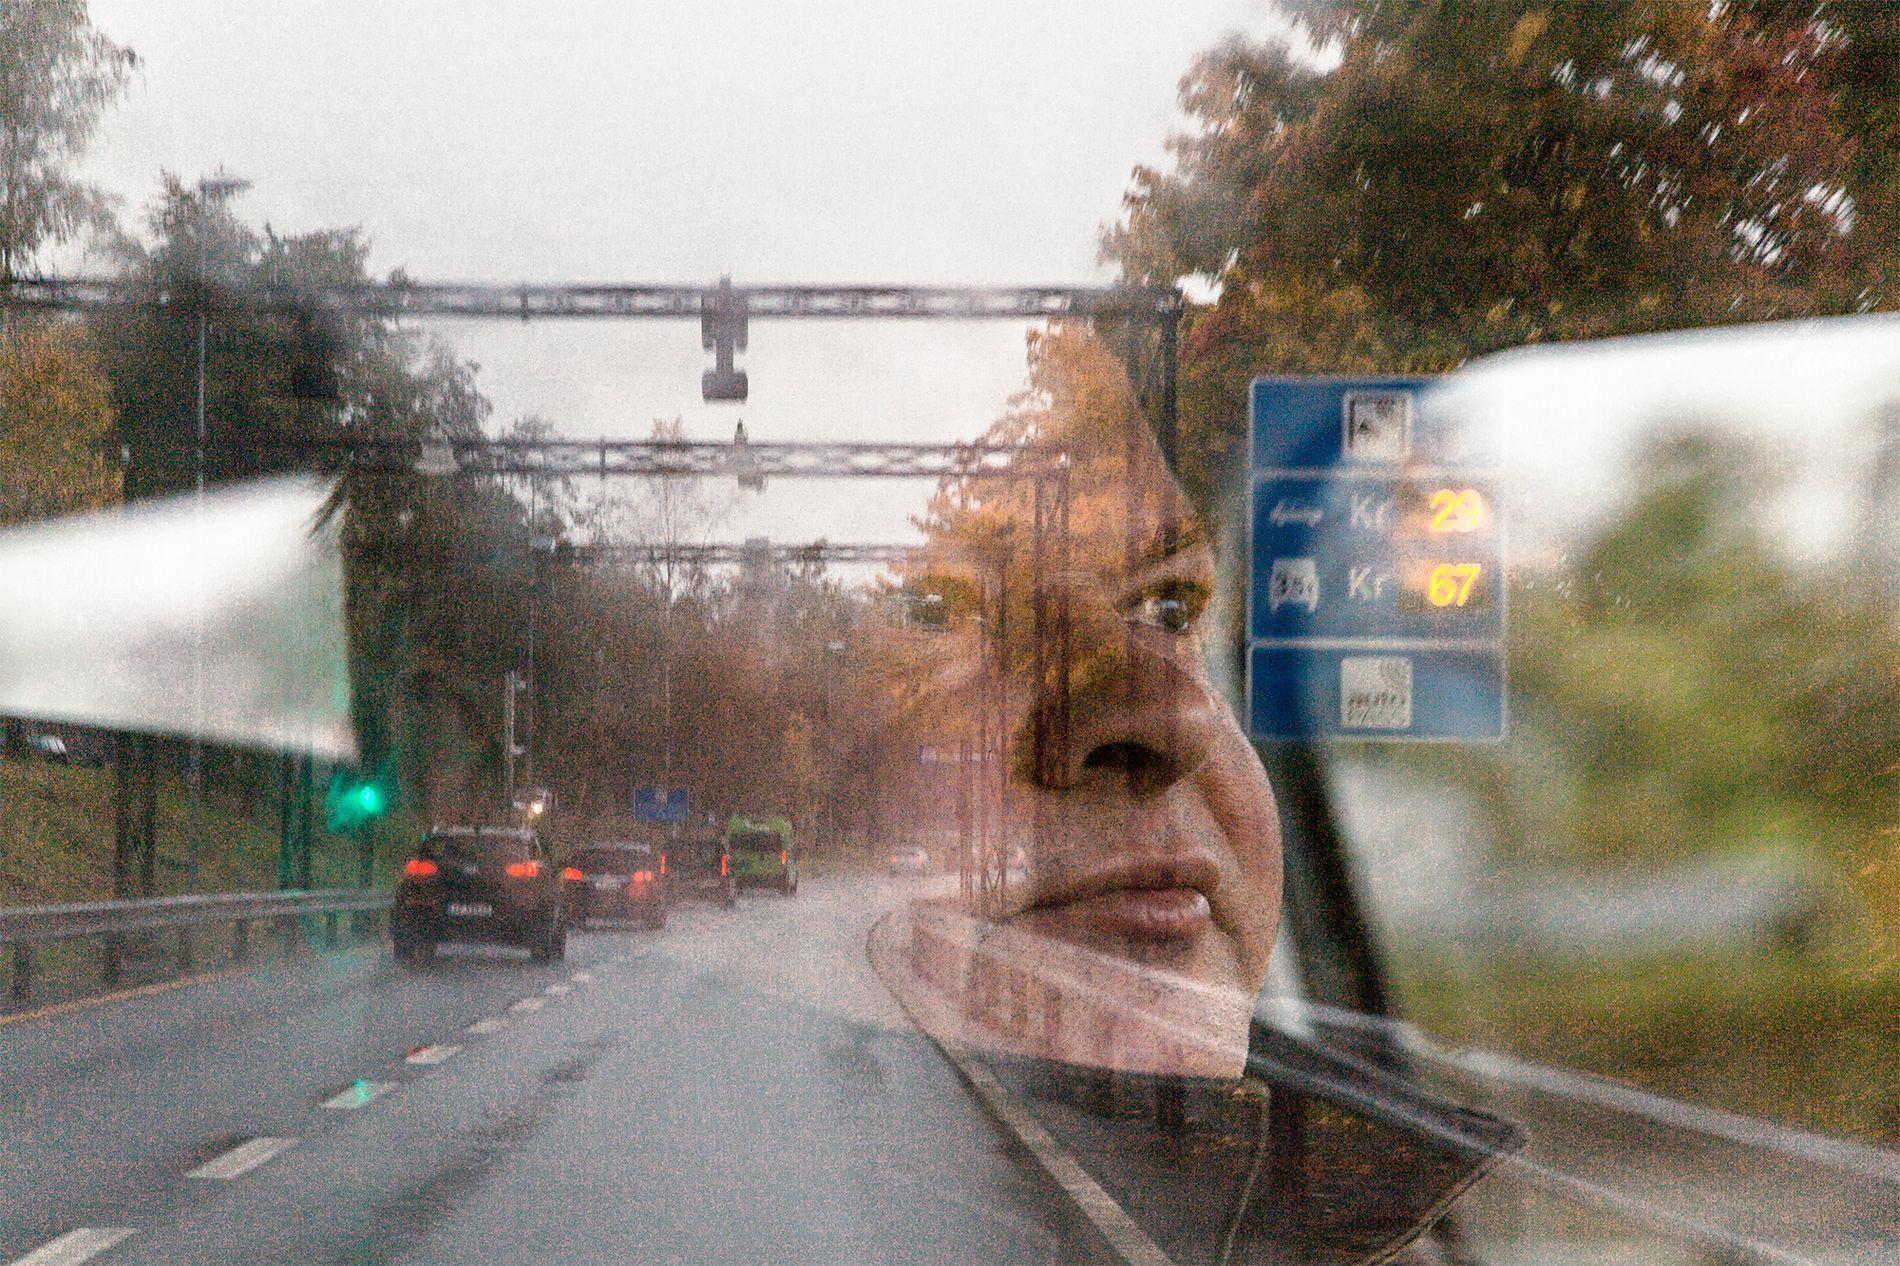 LEIAR: FNB kan hamne i byråd etter valet i september. Trym Aafløy sine eigenskapar som leiar er difor svært viktig, ikkje berre for partiet, men òg for byen, skriv BT-kommentator Hans K. Mjelva.